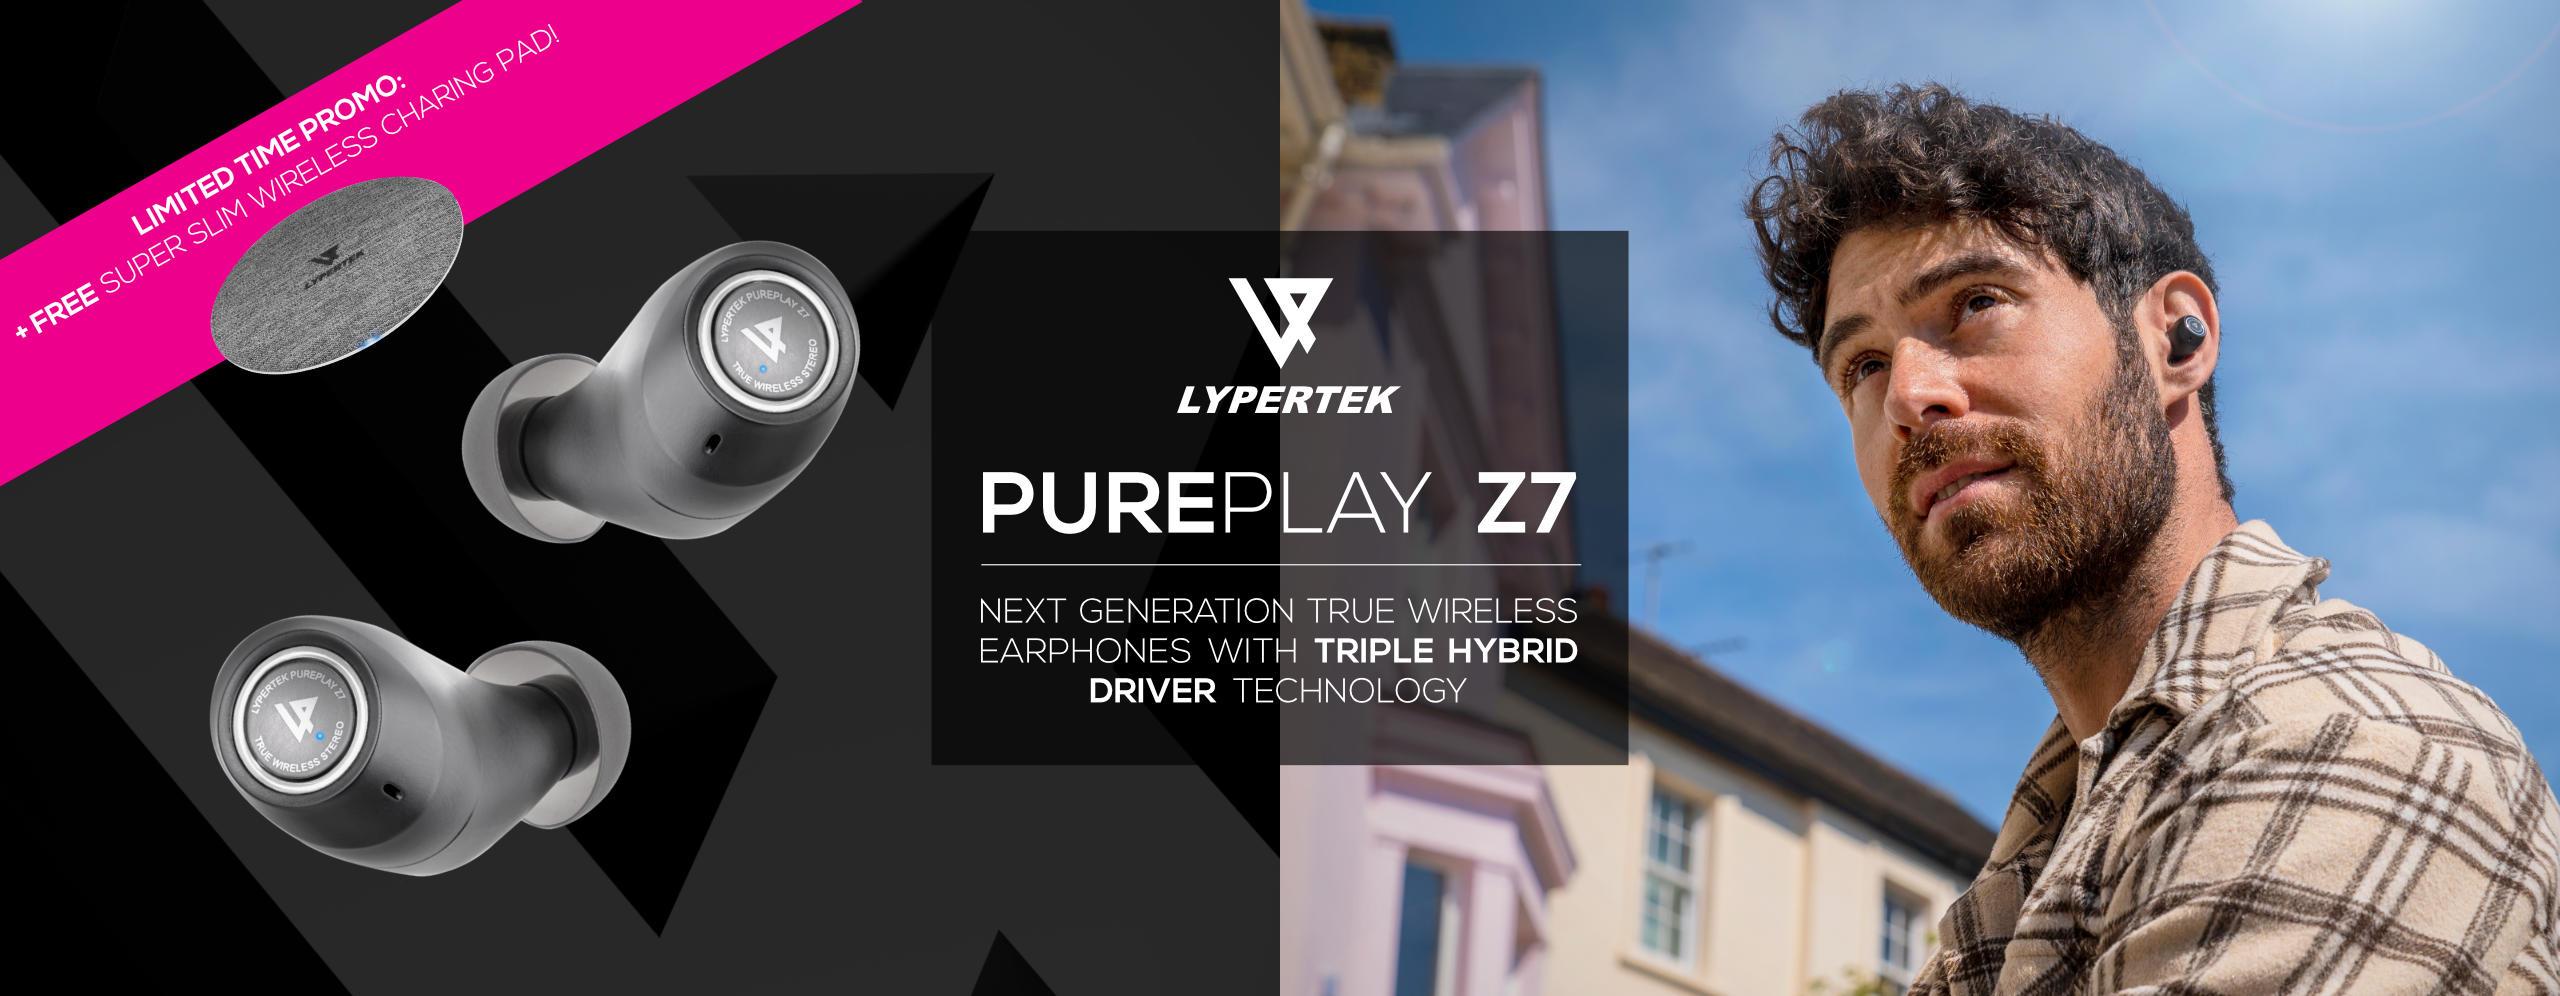 Lypertek PurePlay Z7 True Wireless Earphones